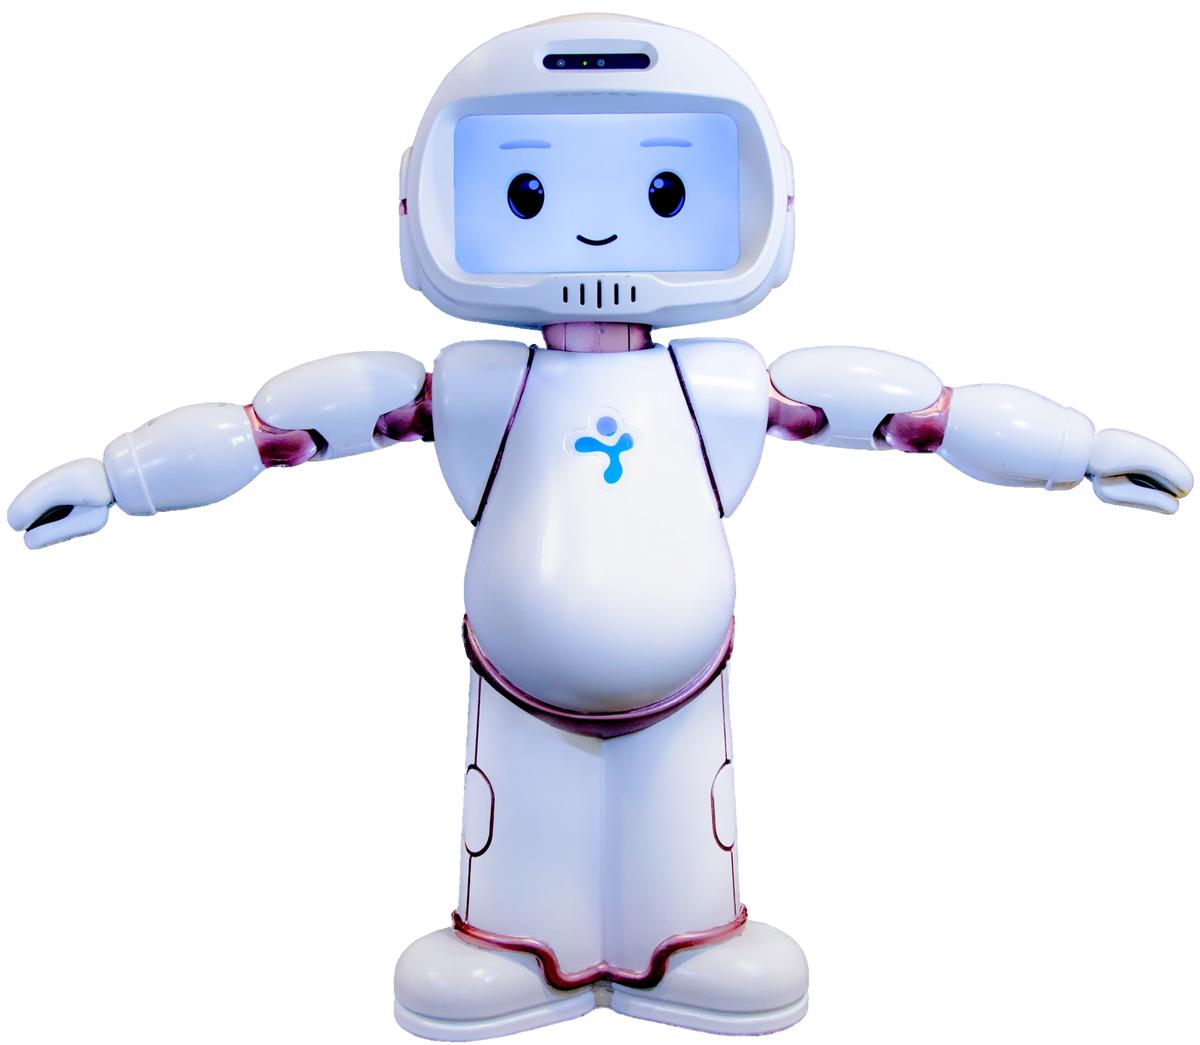 QT Robot RobotLAB